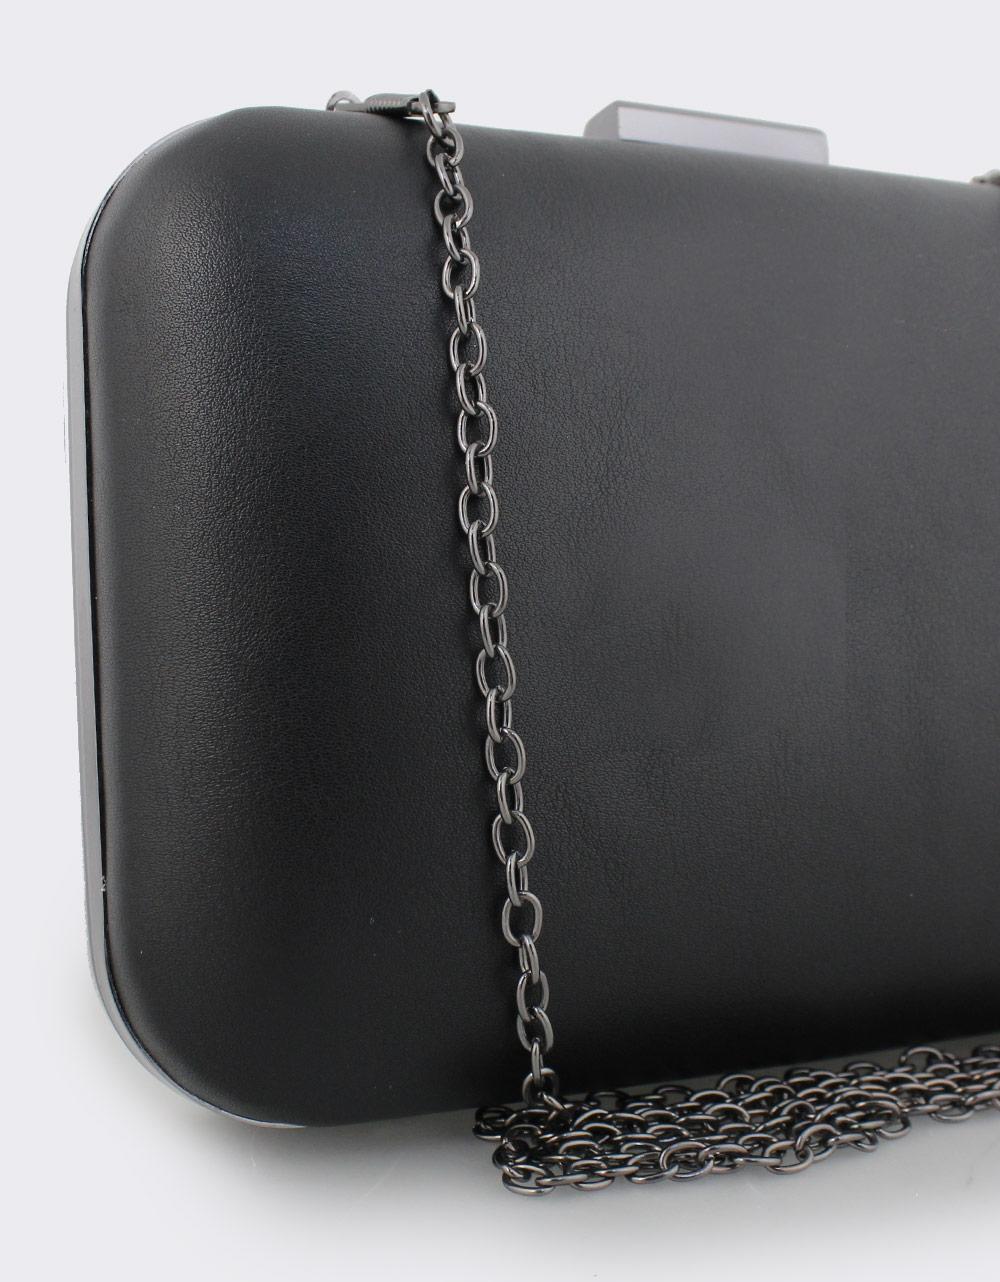 Εικόνα από Γυναικείοι φάκελοι clutch μονόχρωμοι Μαύρο